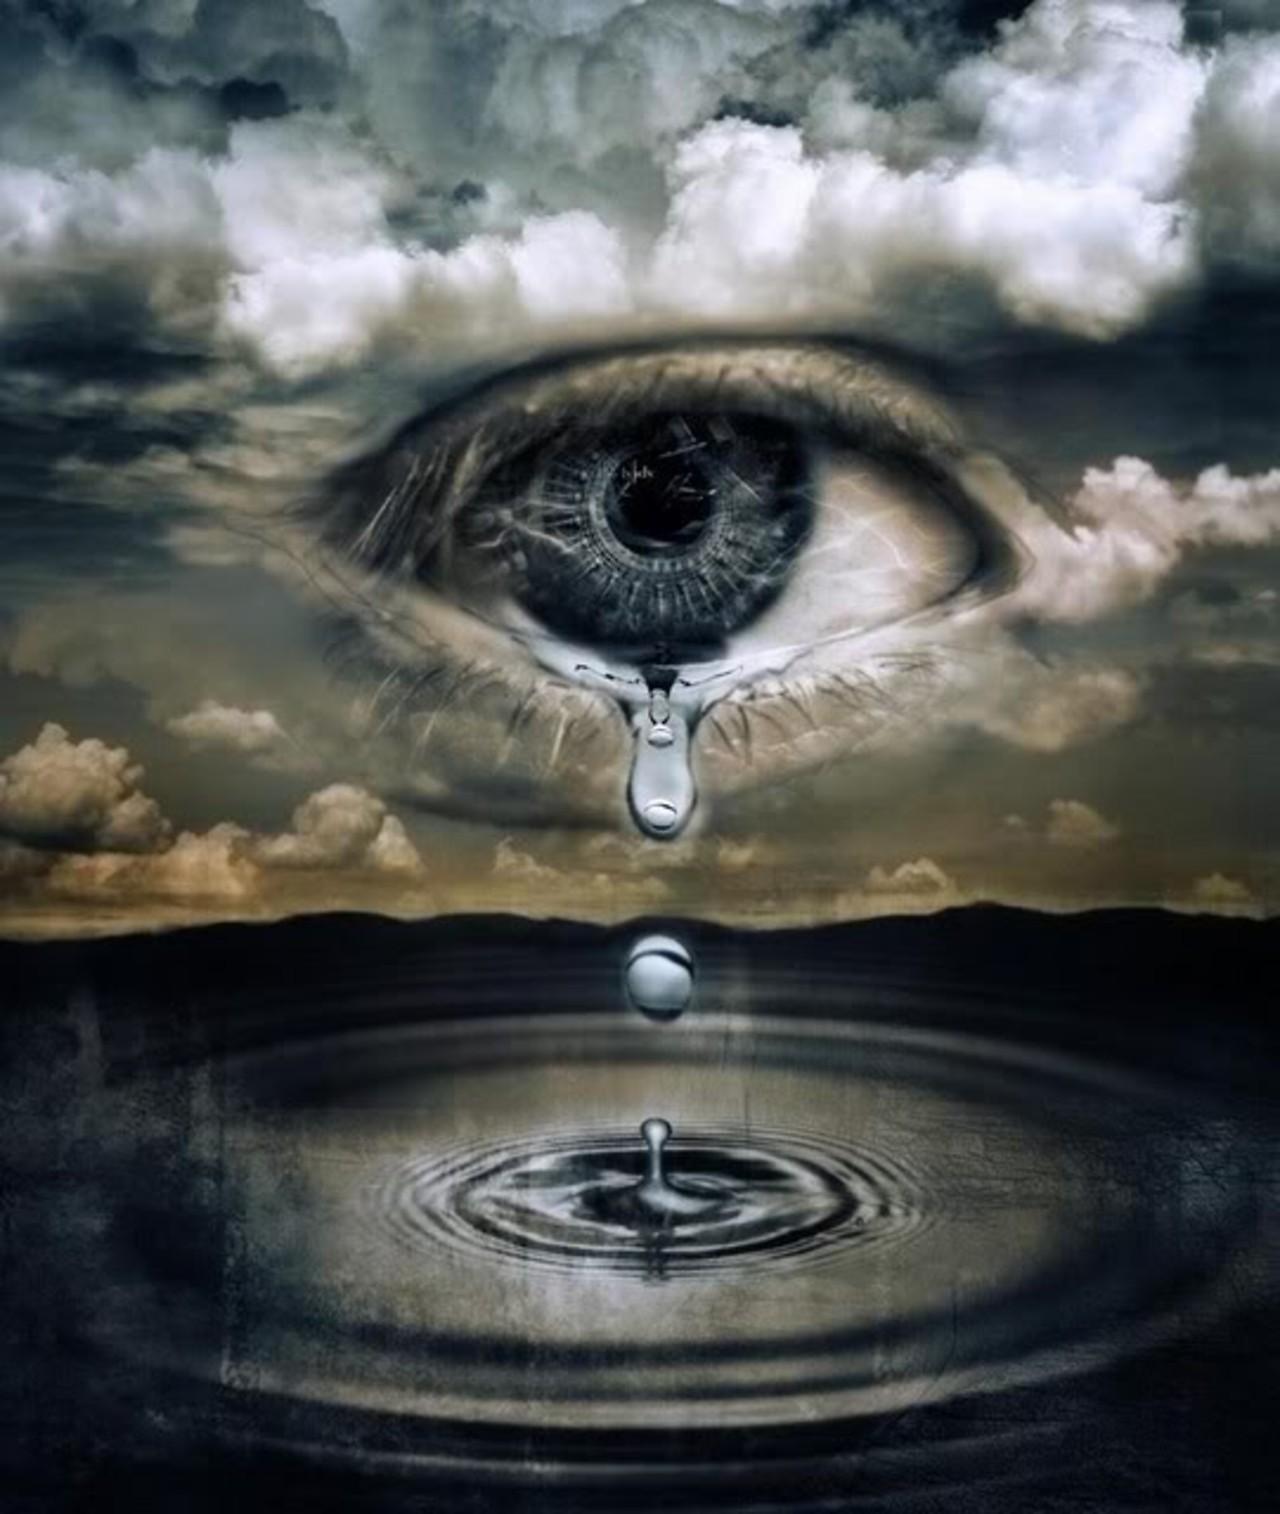 Αποτέλεσμα εικόνας για εικονεσ θλιψησ